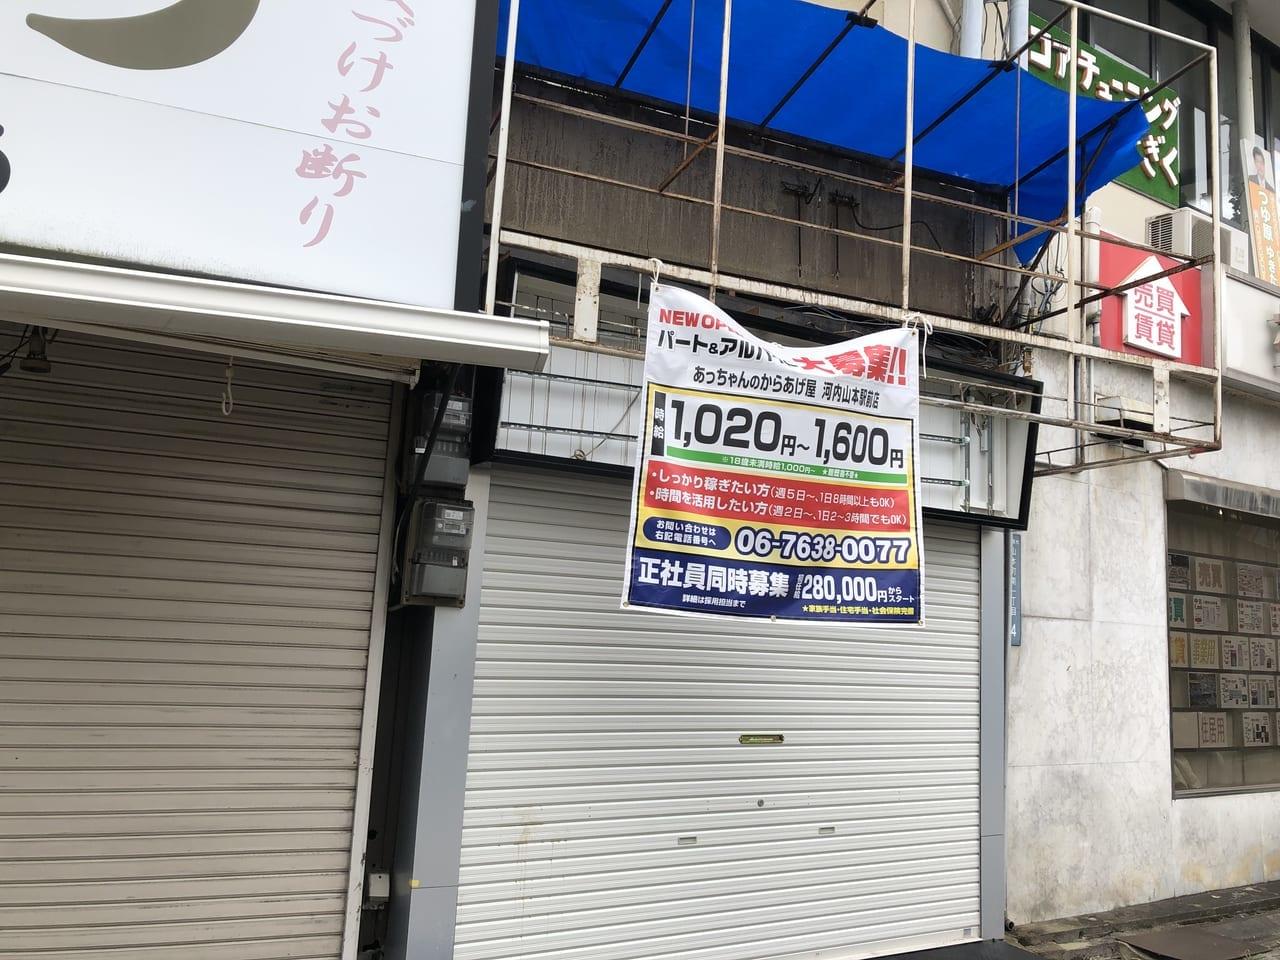 NEWオープンのお店